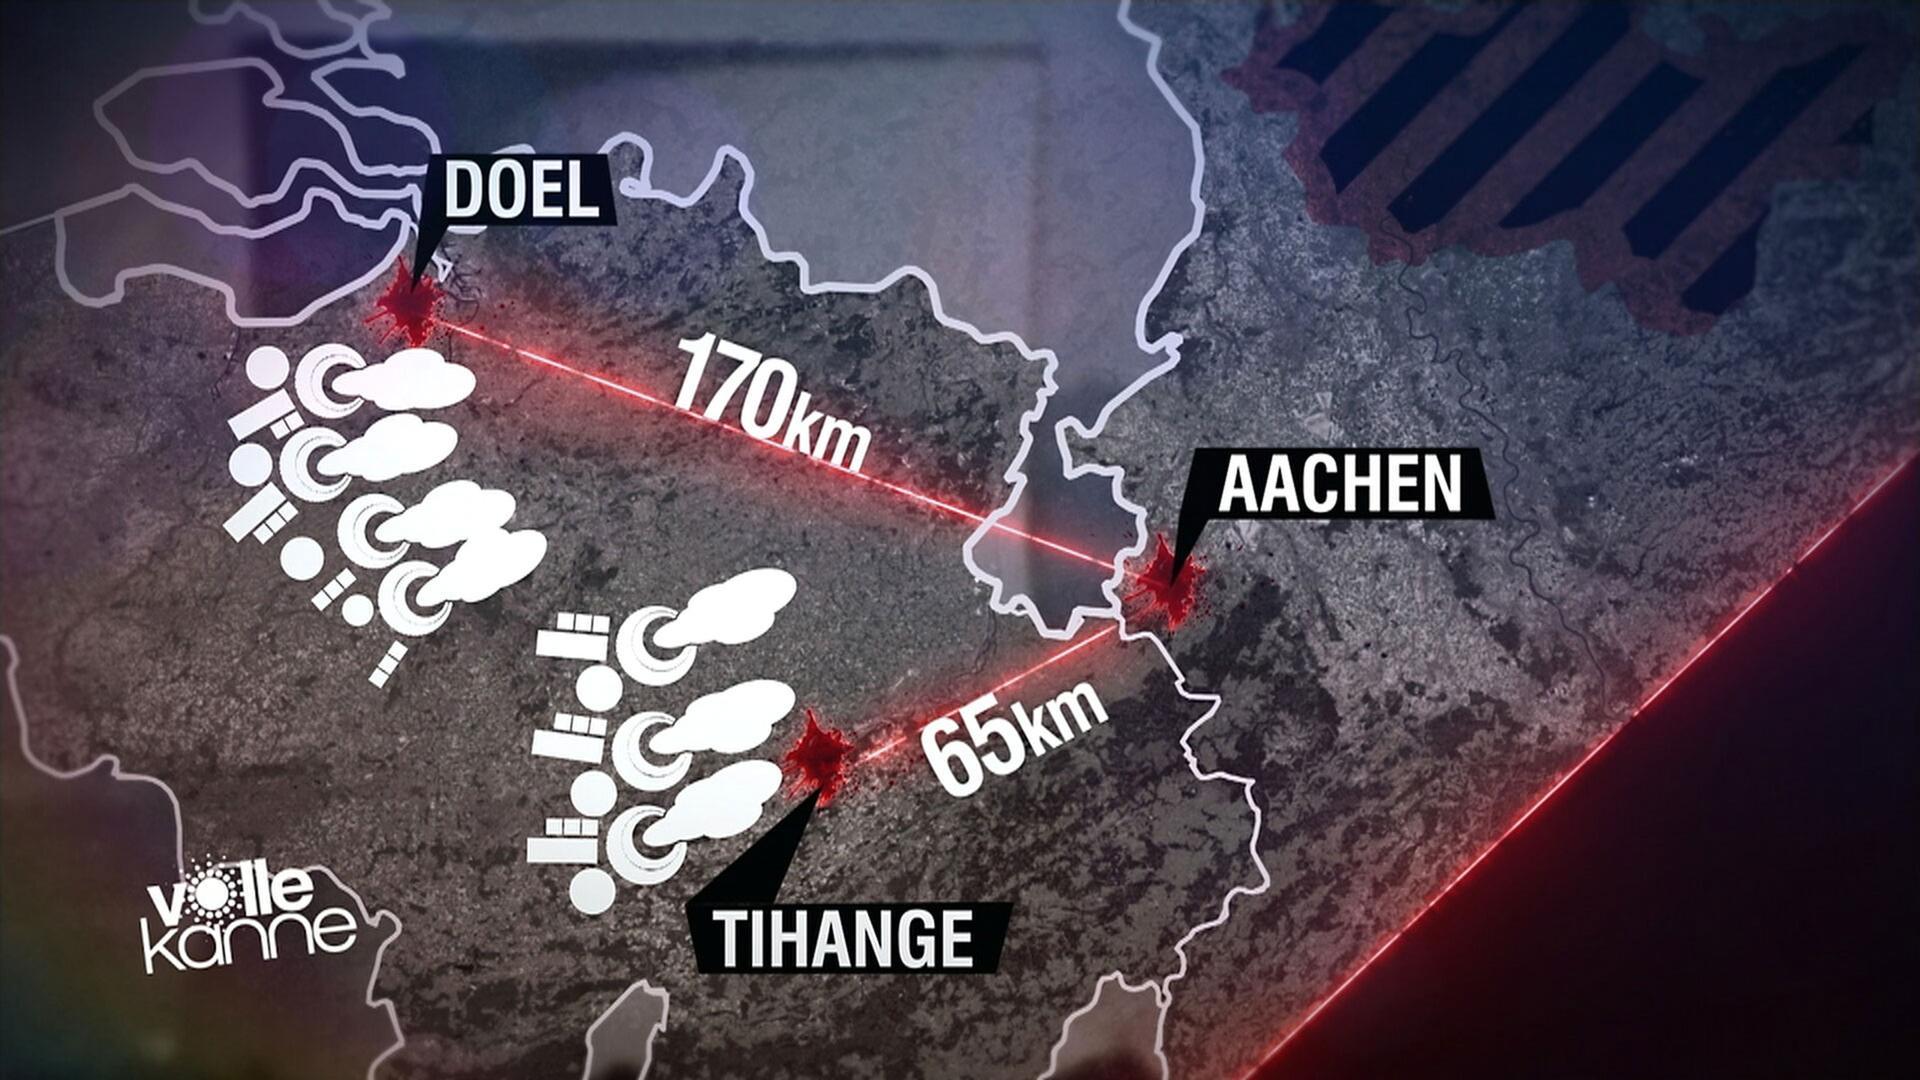 Tihange Gefahrenzone Karte.Eugh Zu Belgischen Atomreaktoren Laufzeitverlängerung Verstößt